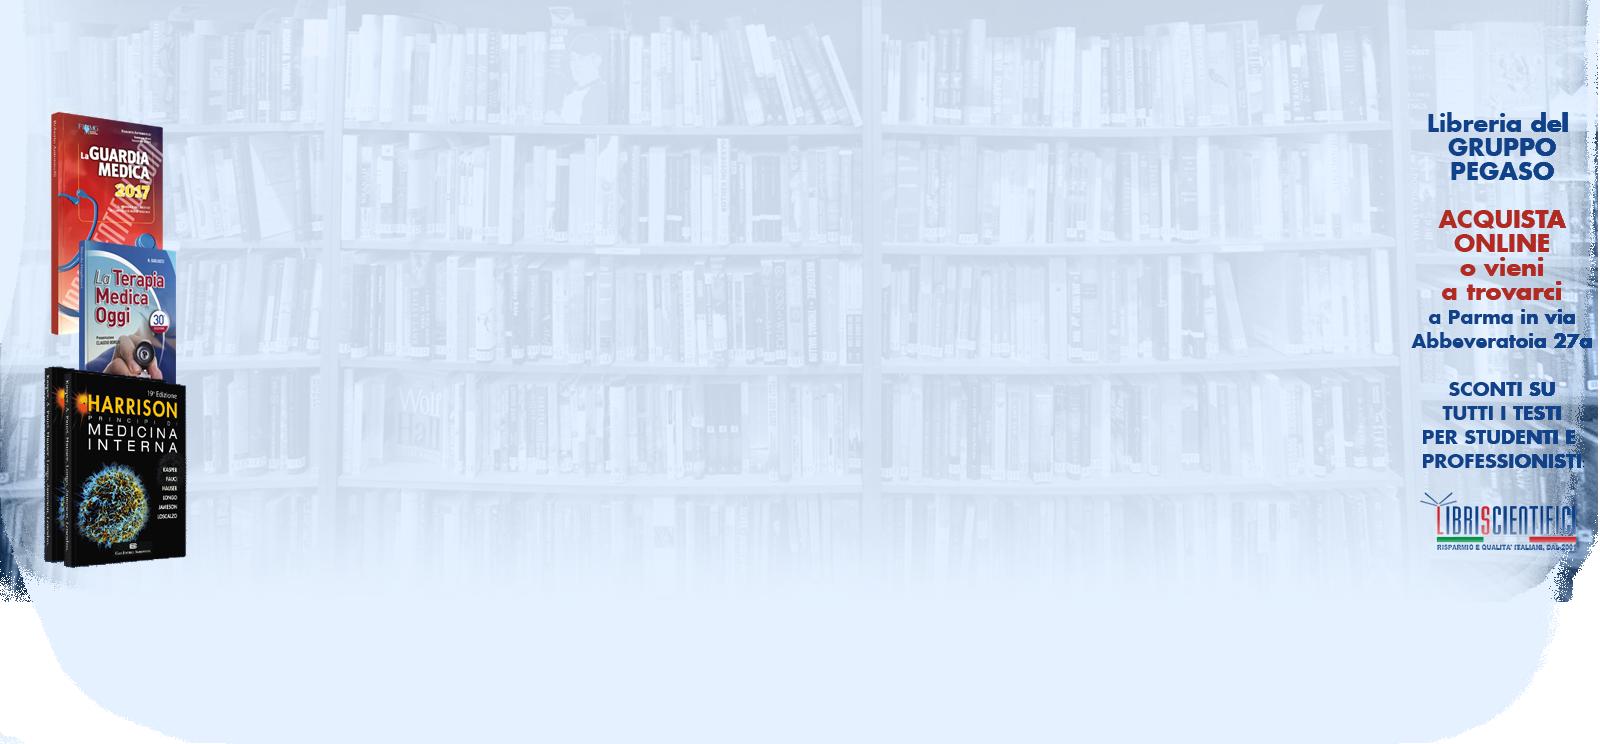 Libri Scientifici e Universitari